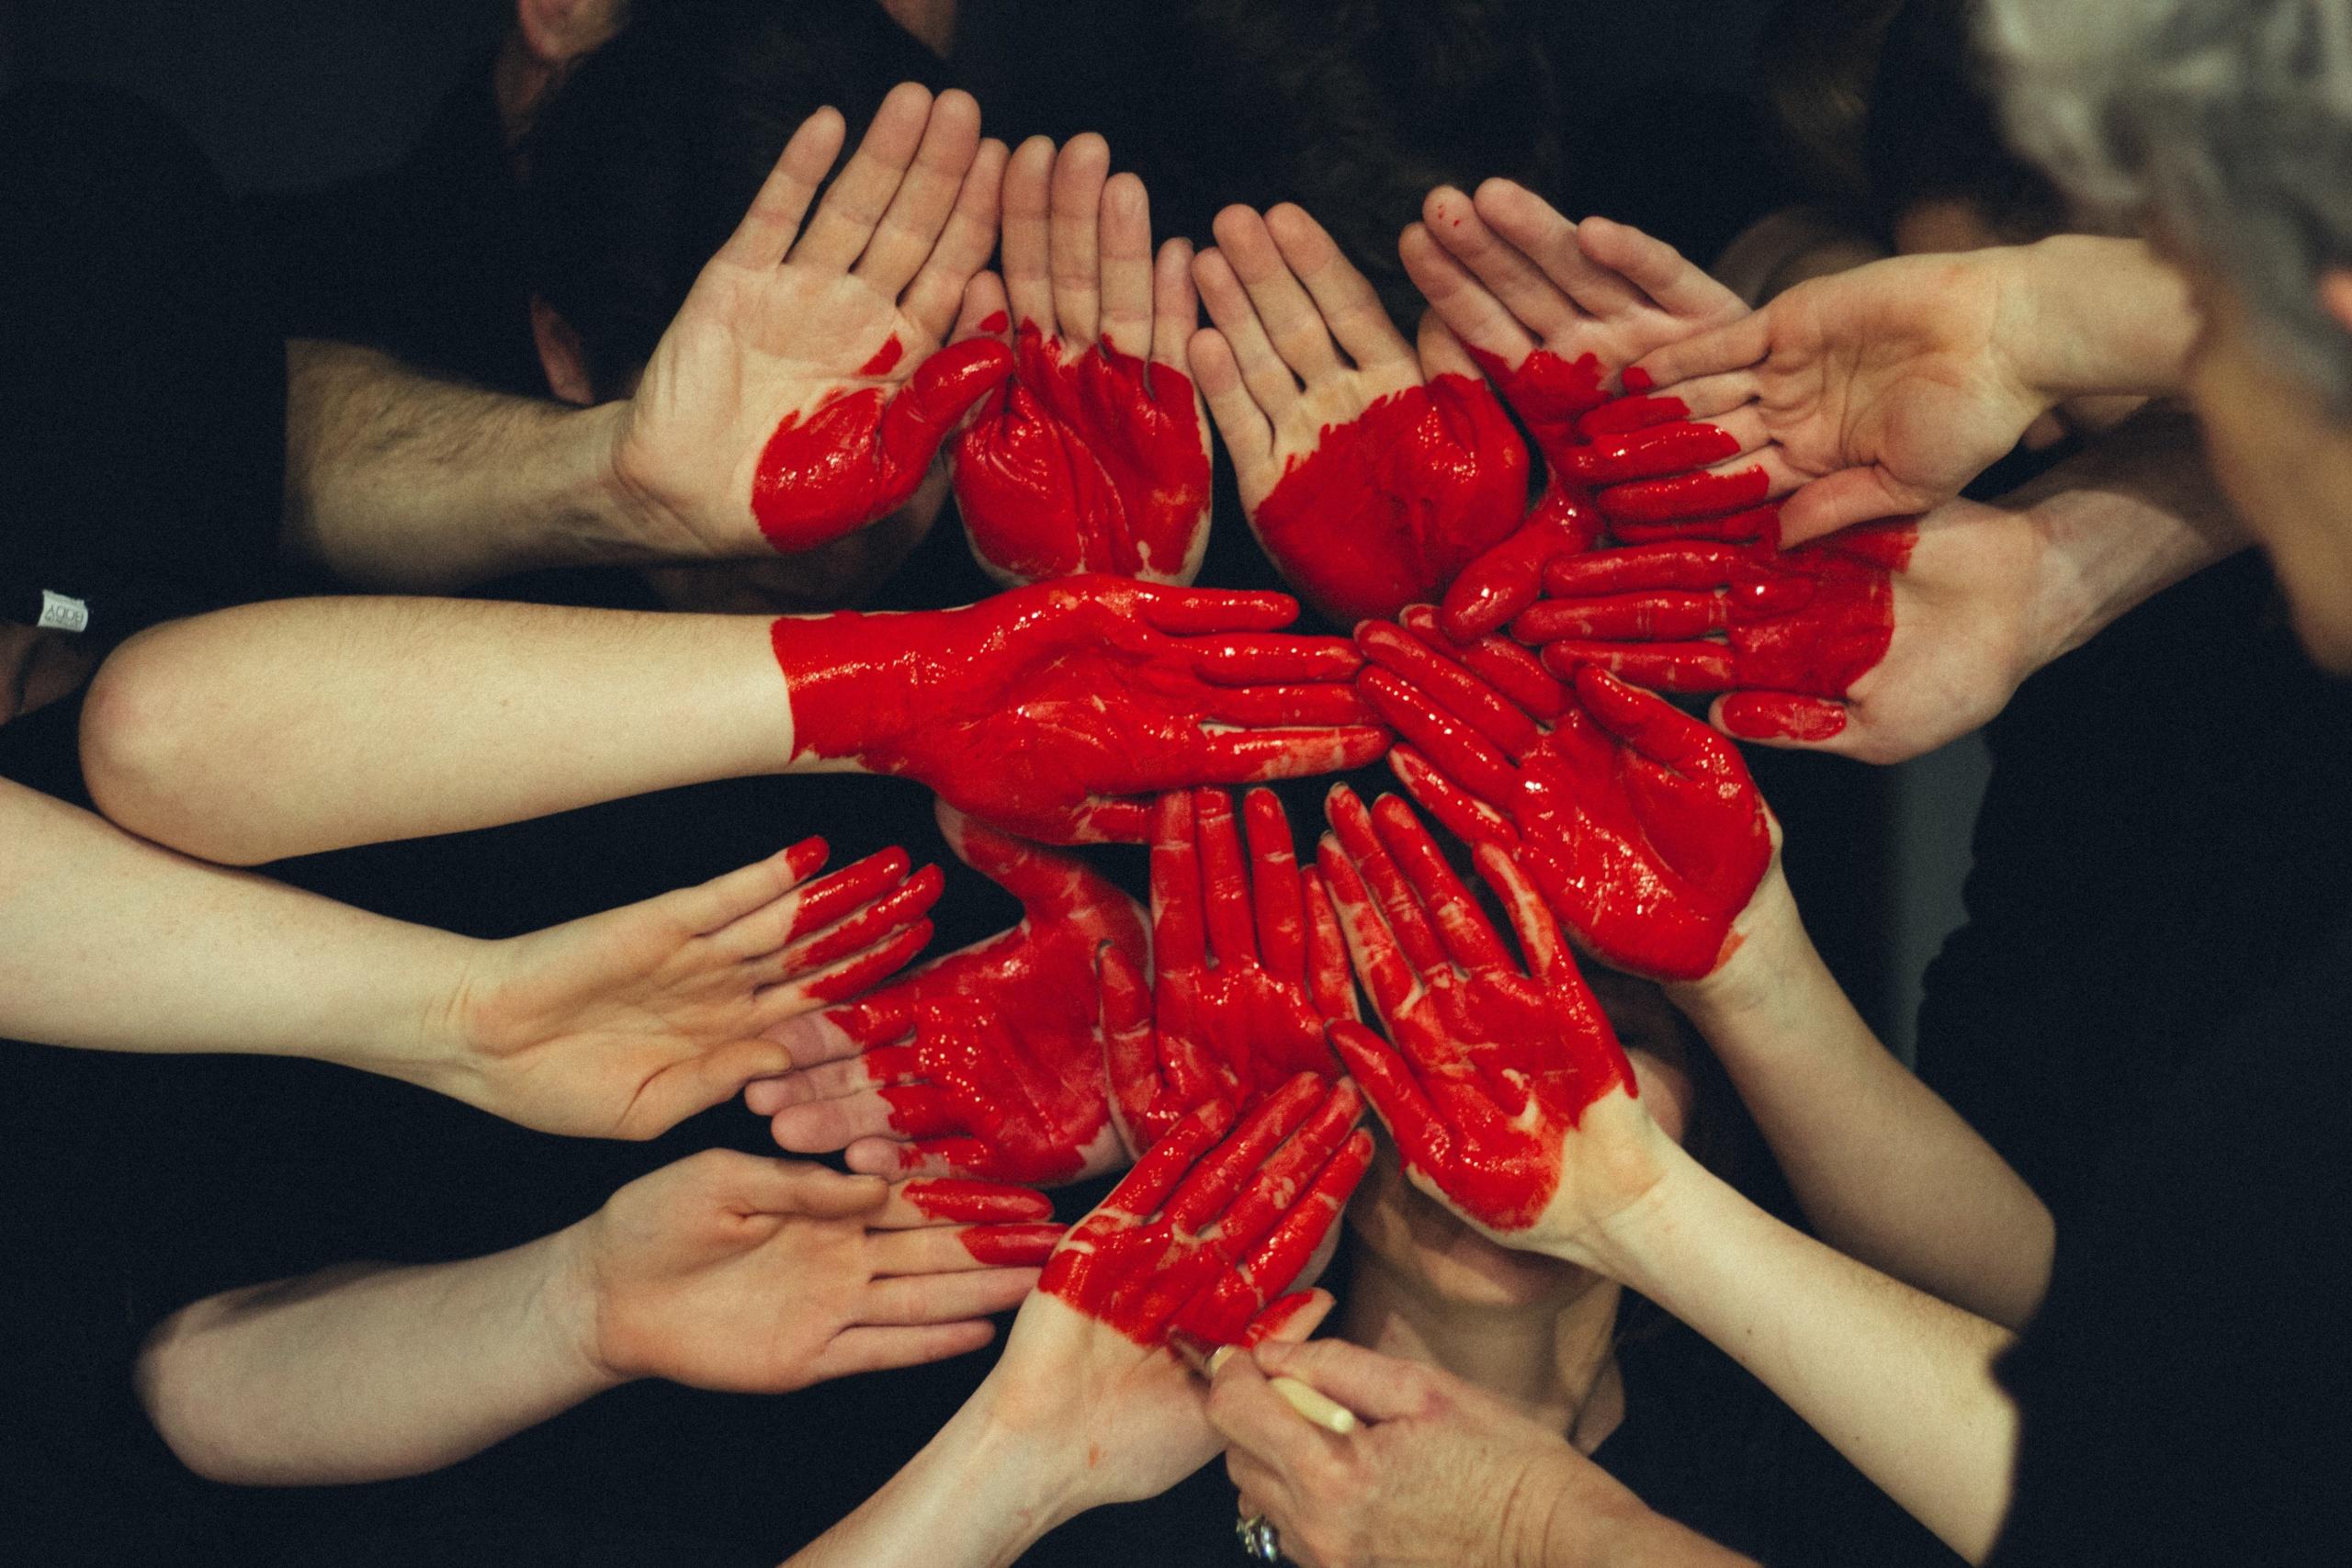 Plusieurs mains rapprochées forment un cœur